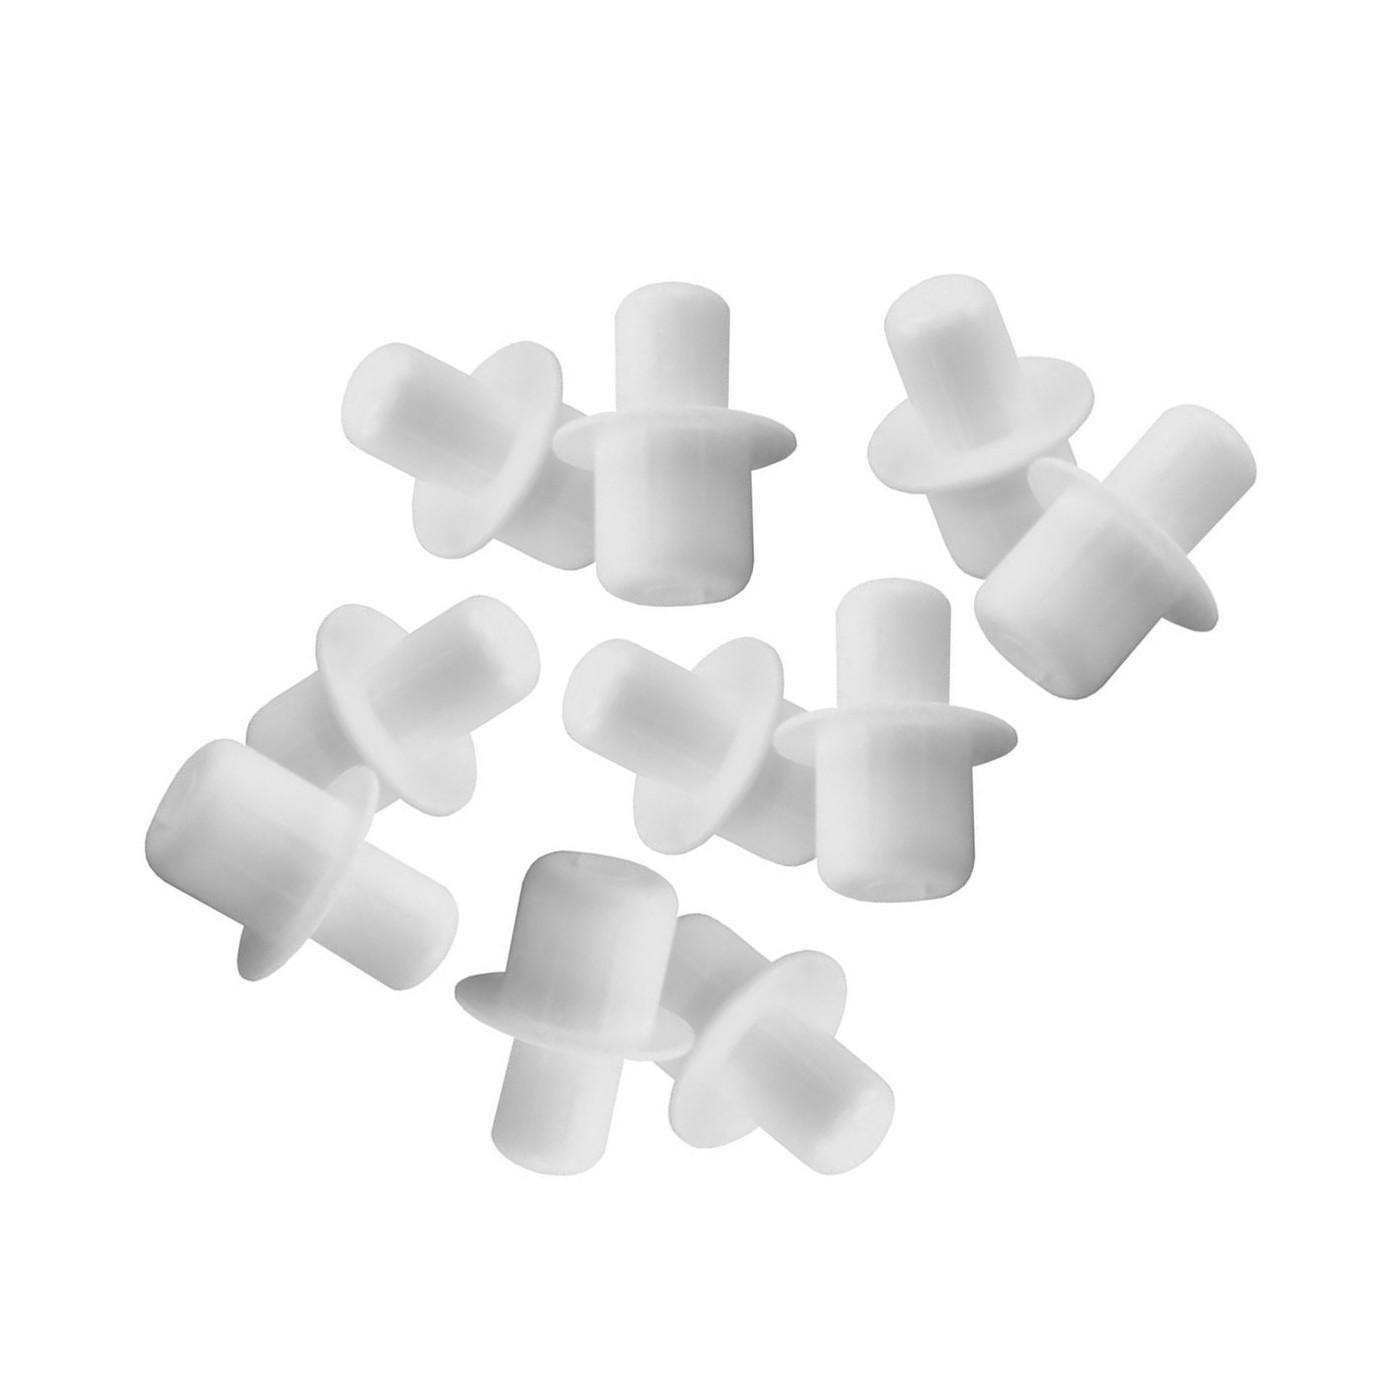 Lot de 120 supports d'étagères en plastique (blanc, 5&6 mm